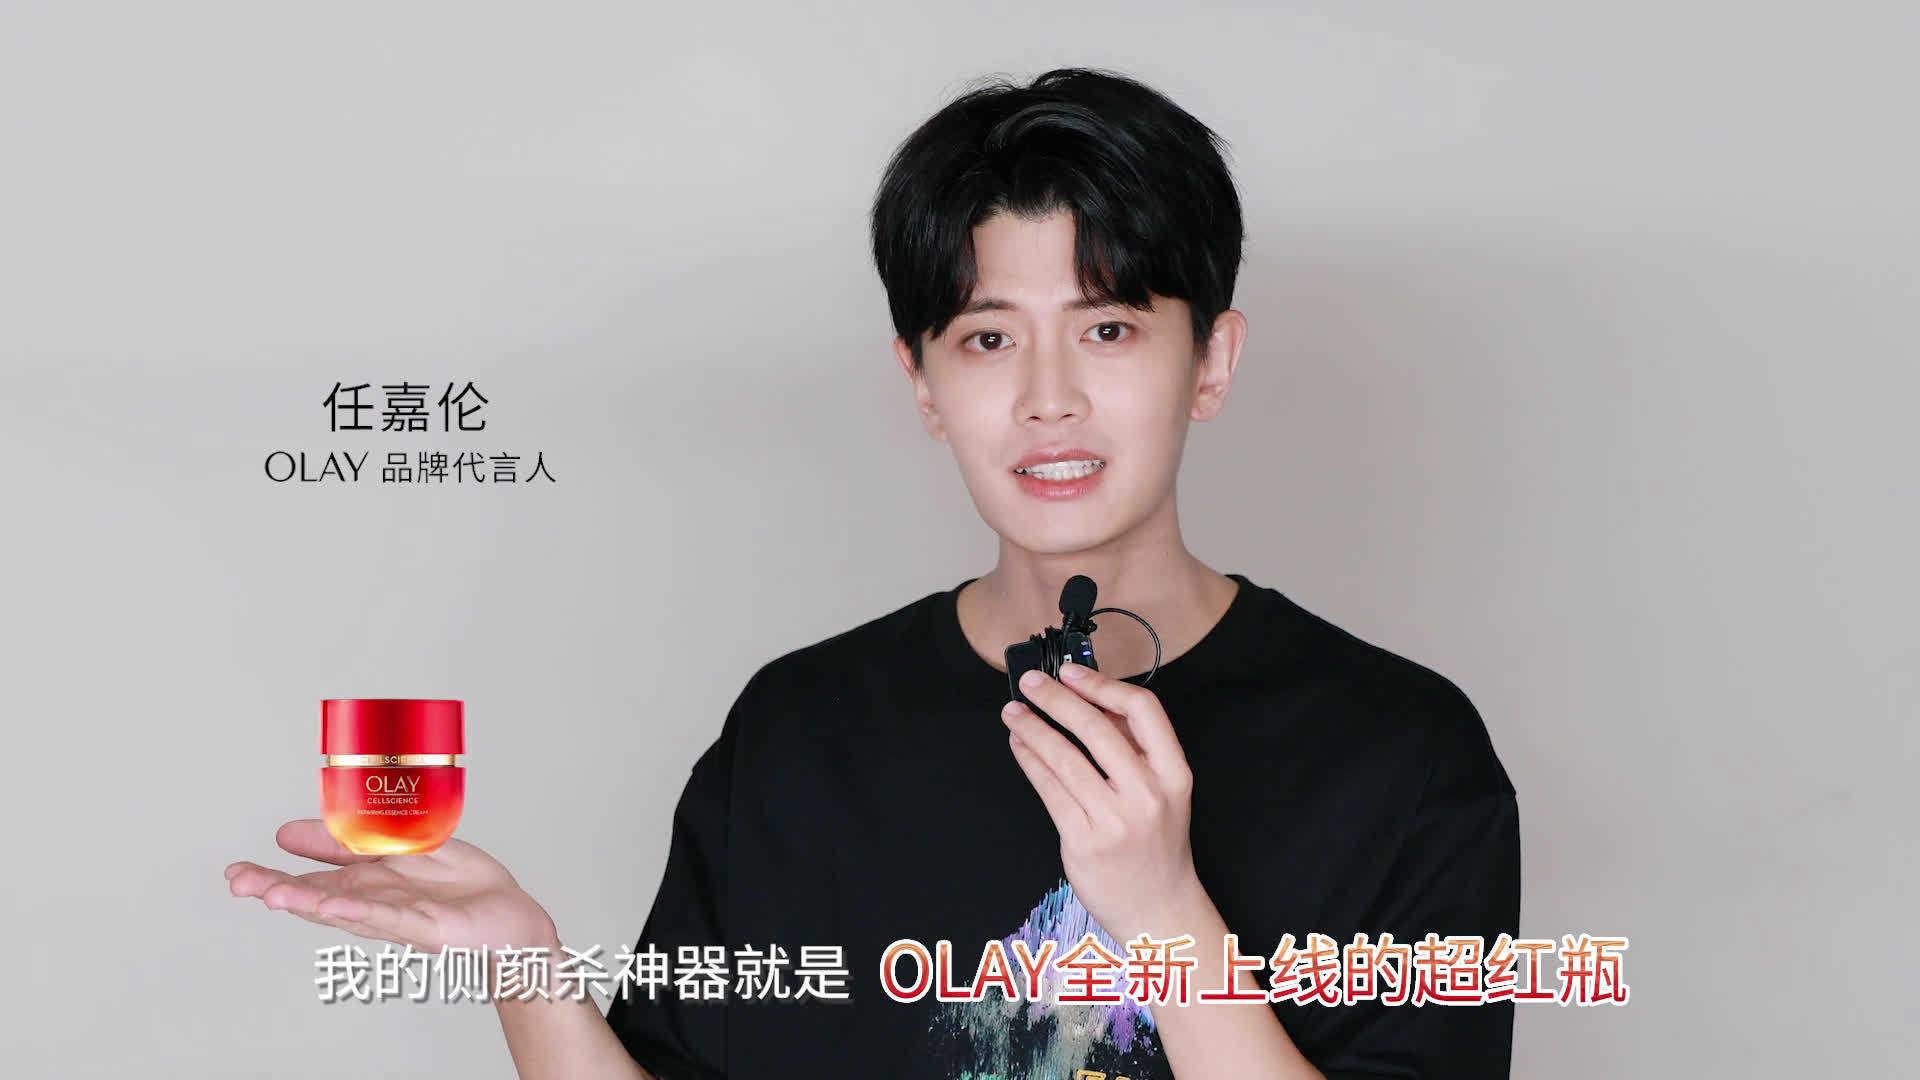 olay超红瓶面霜-olay超红瓶和大红瓶的区别